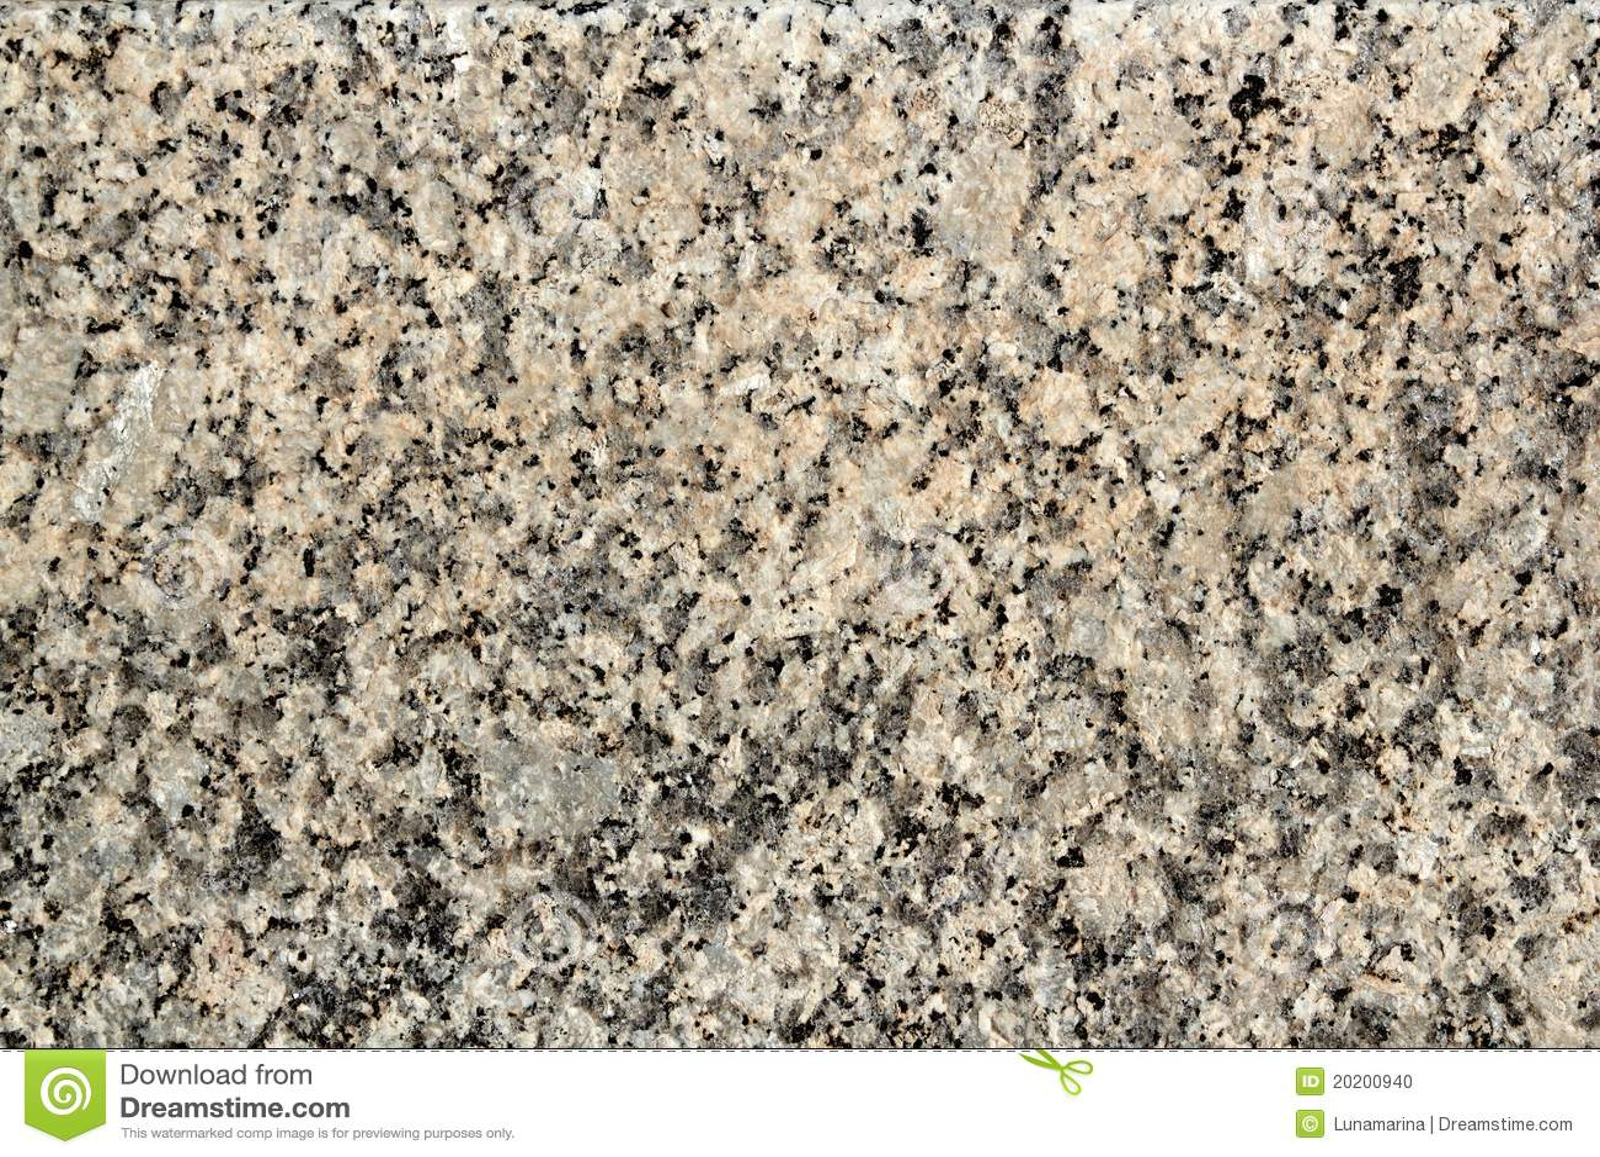 Blanco negro gris de la textura de piedra del granito foto for Piedra para granito